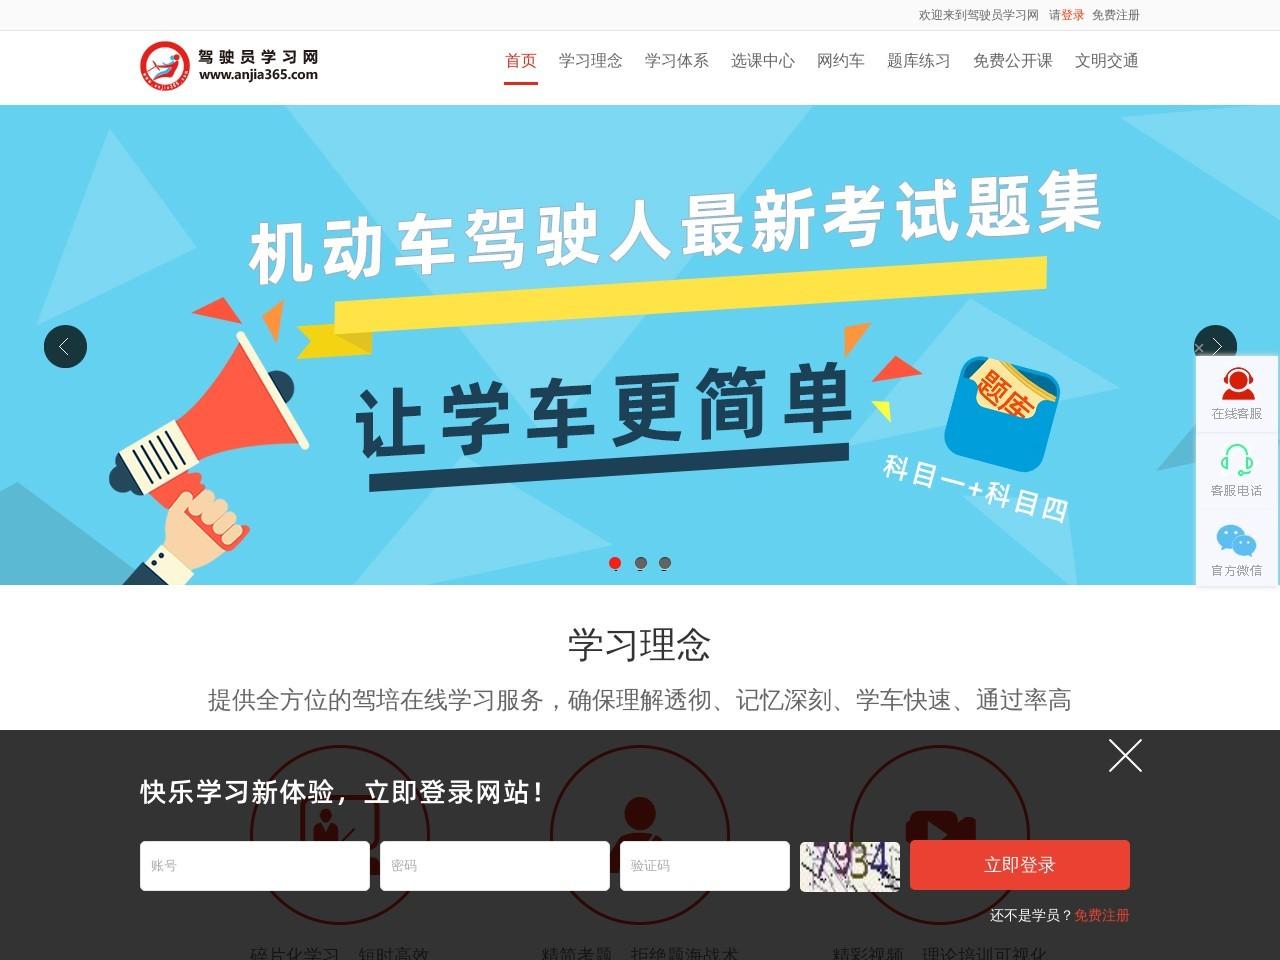 中國駕駛員學習網-登錄截圖